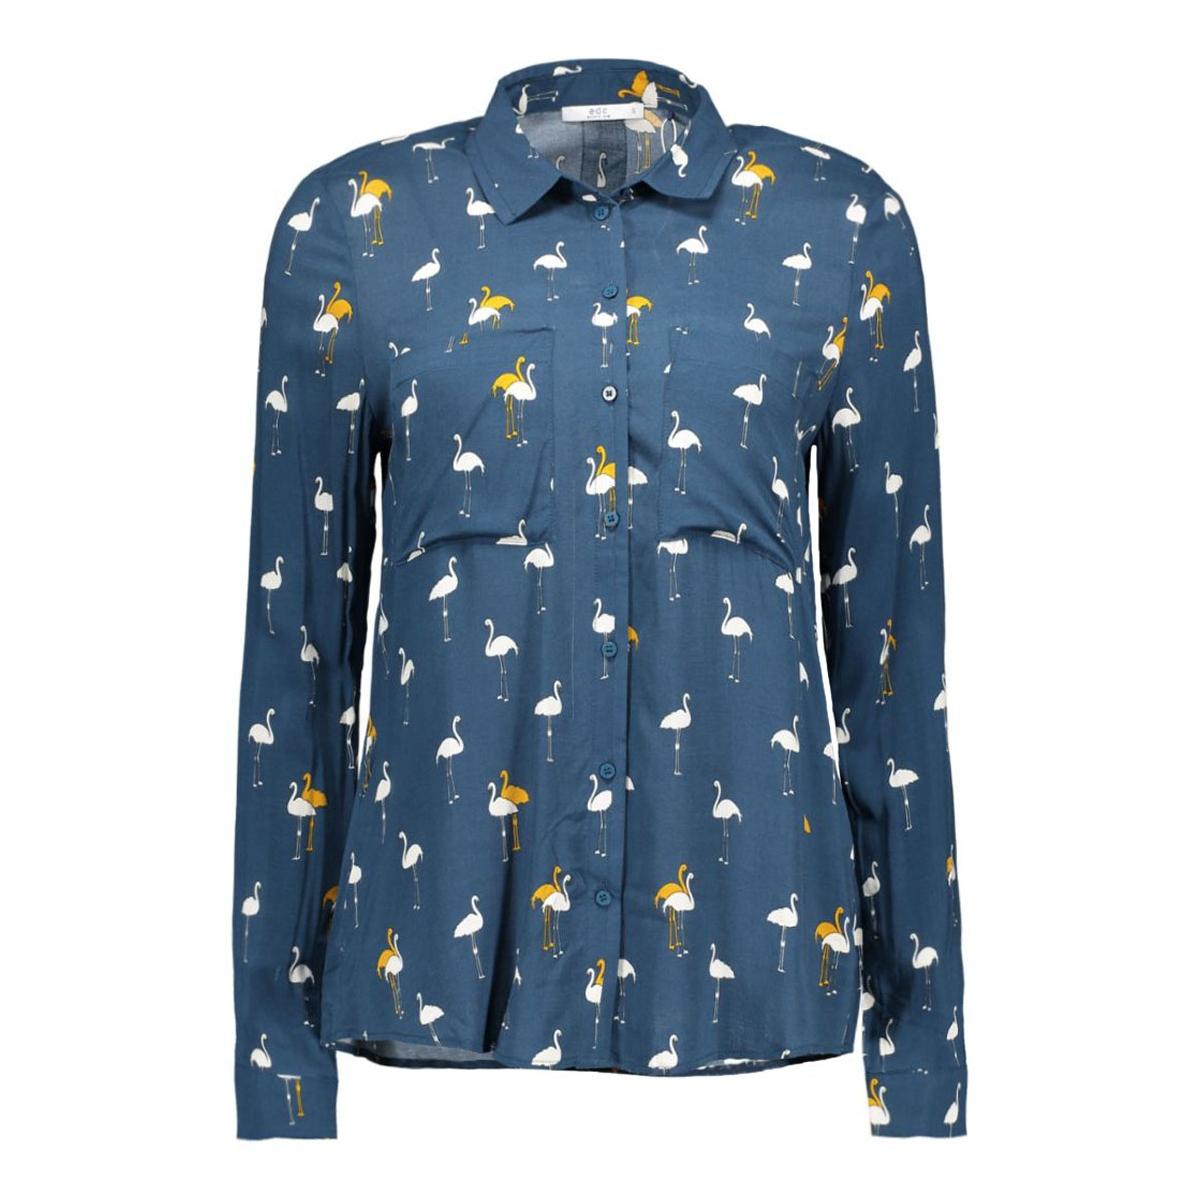 086cc1f011 edc blouse c450